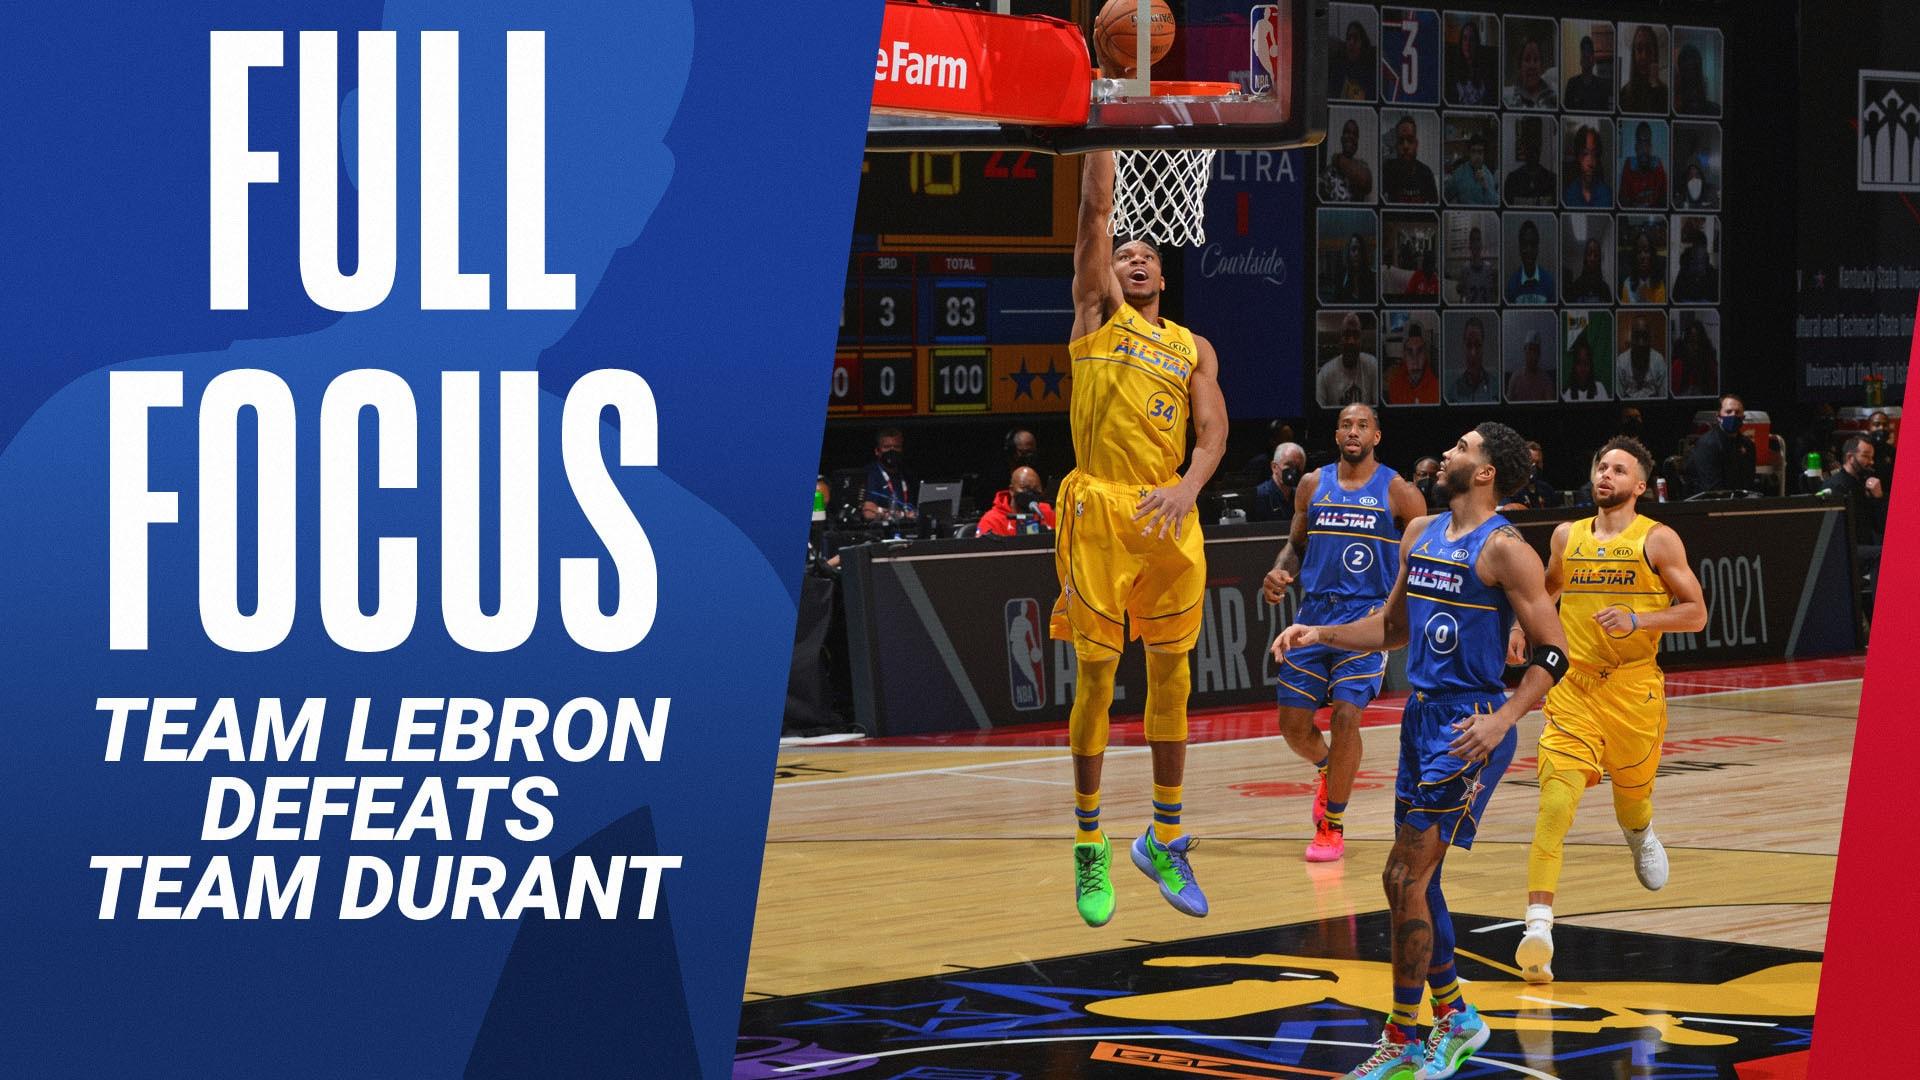 Full Focus: Team LeBron wins top honors